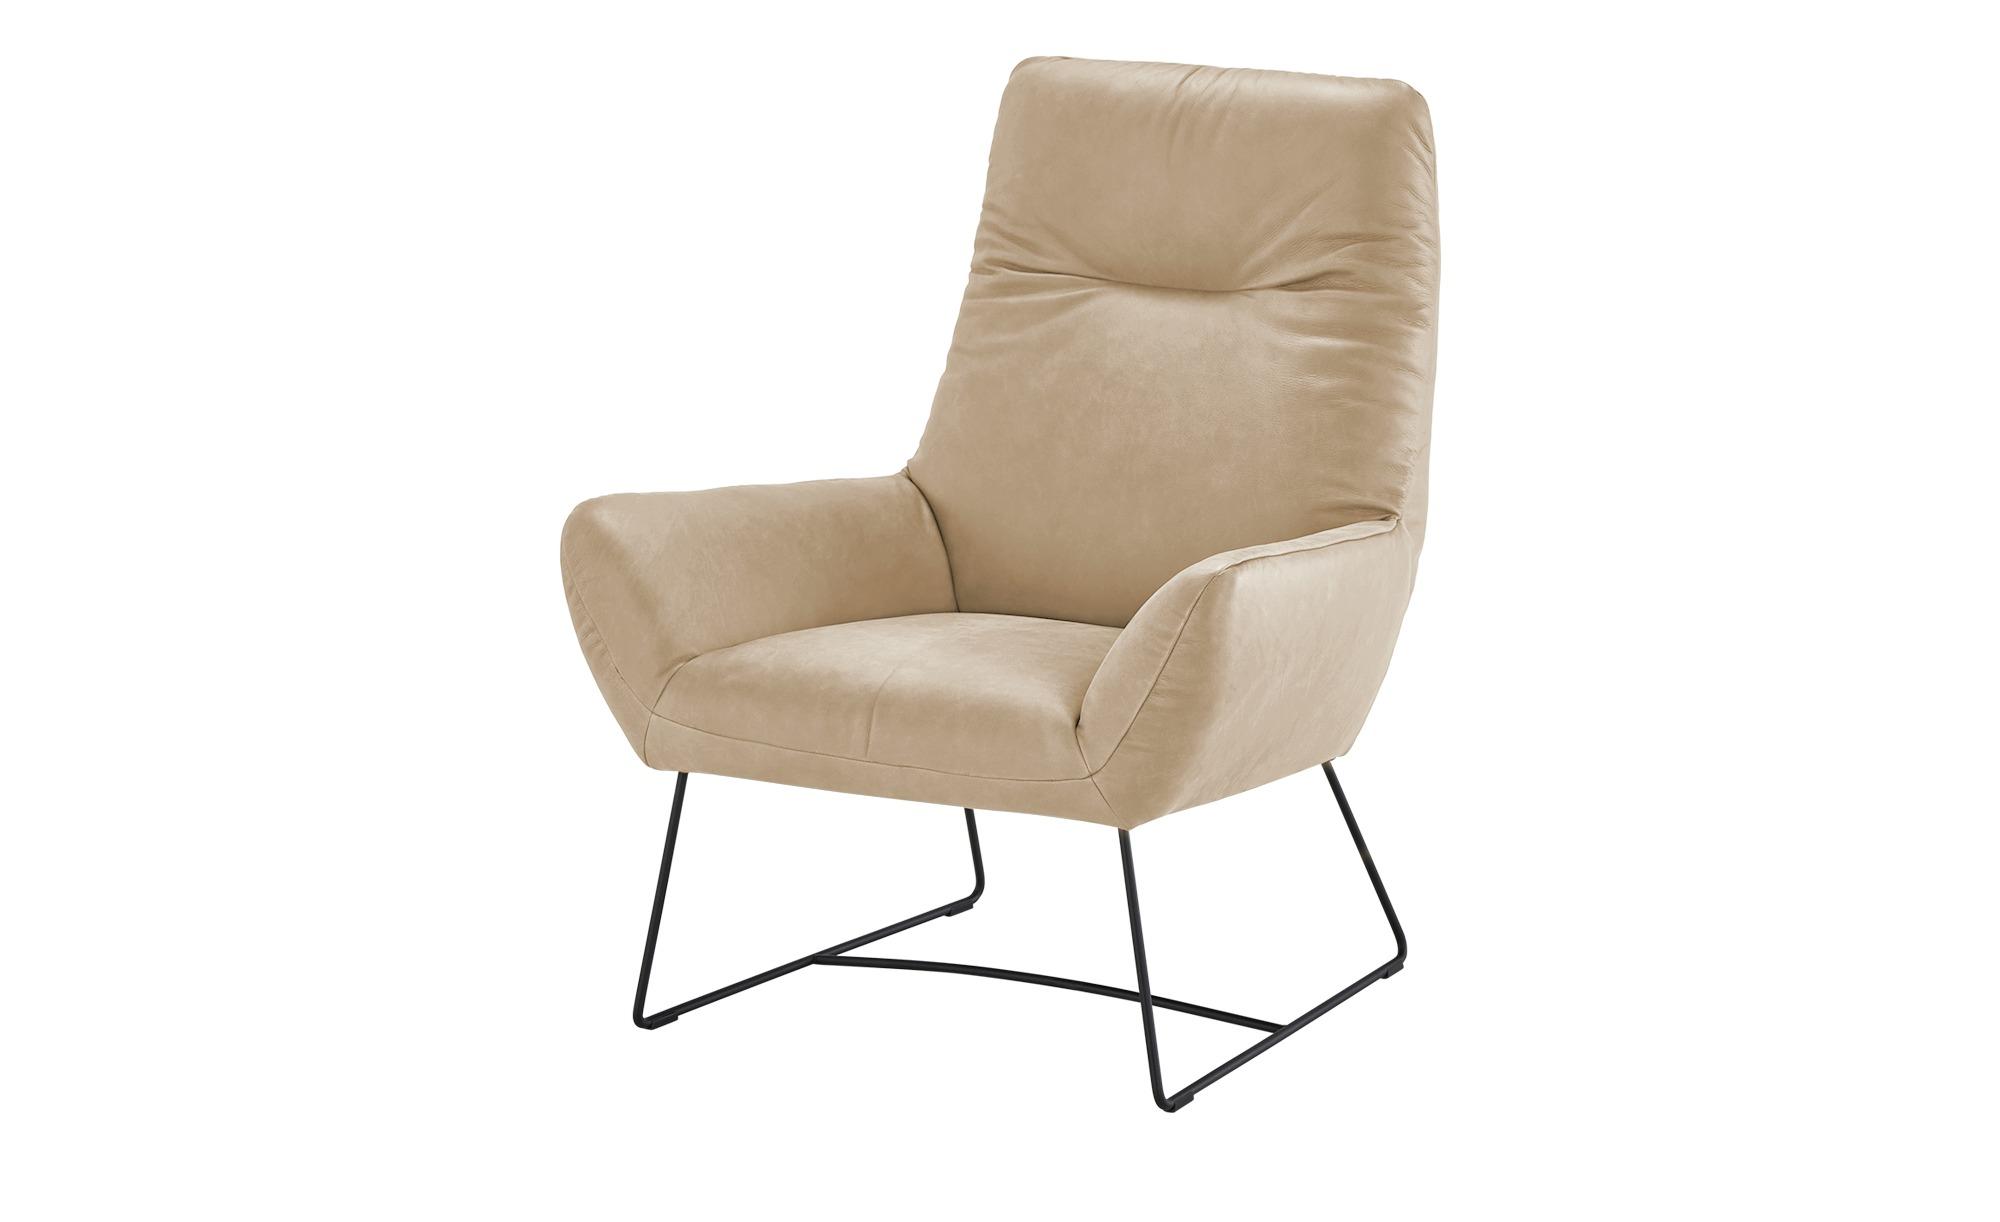 Max Schelling Leder Sessel  Master ¦ creme ¦ Maße (cm): B: 82 H: 102 T: 81 Polstermöbel > Sessel > Ledersessel - Höffner